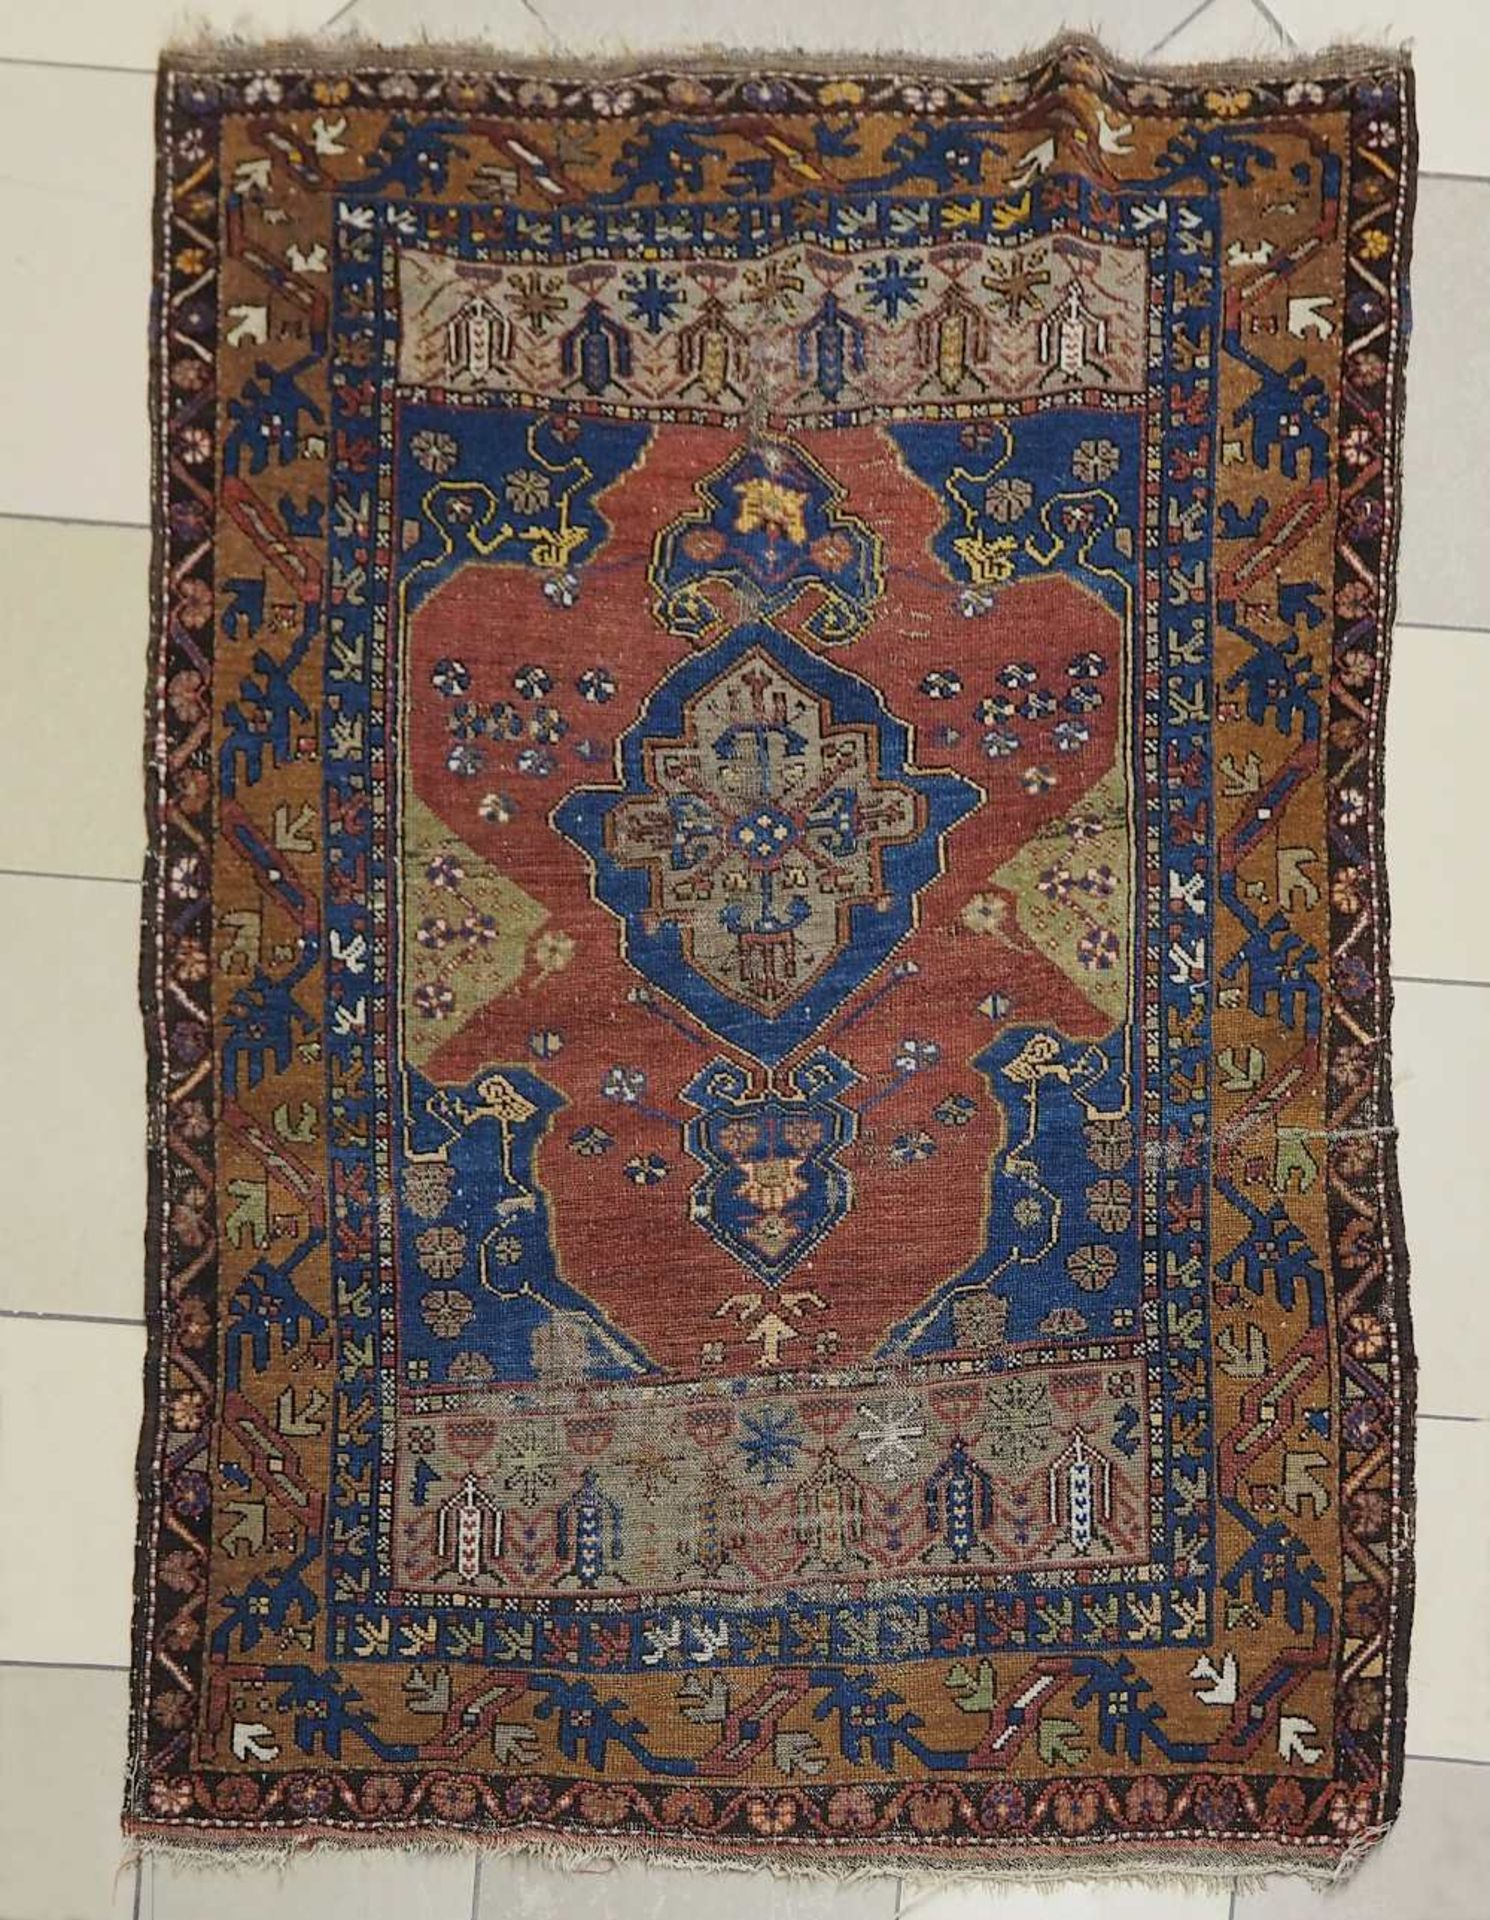 1 Konv. Teppiche 20. Jh.: Mittelfeld beigegrundig, Randbordüre rotgrundig, je florale - Bild 4 aus 7